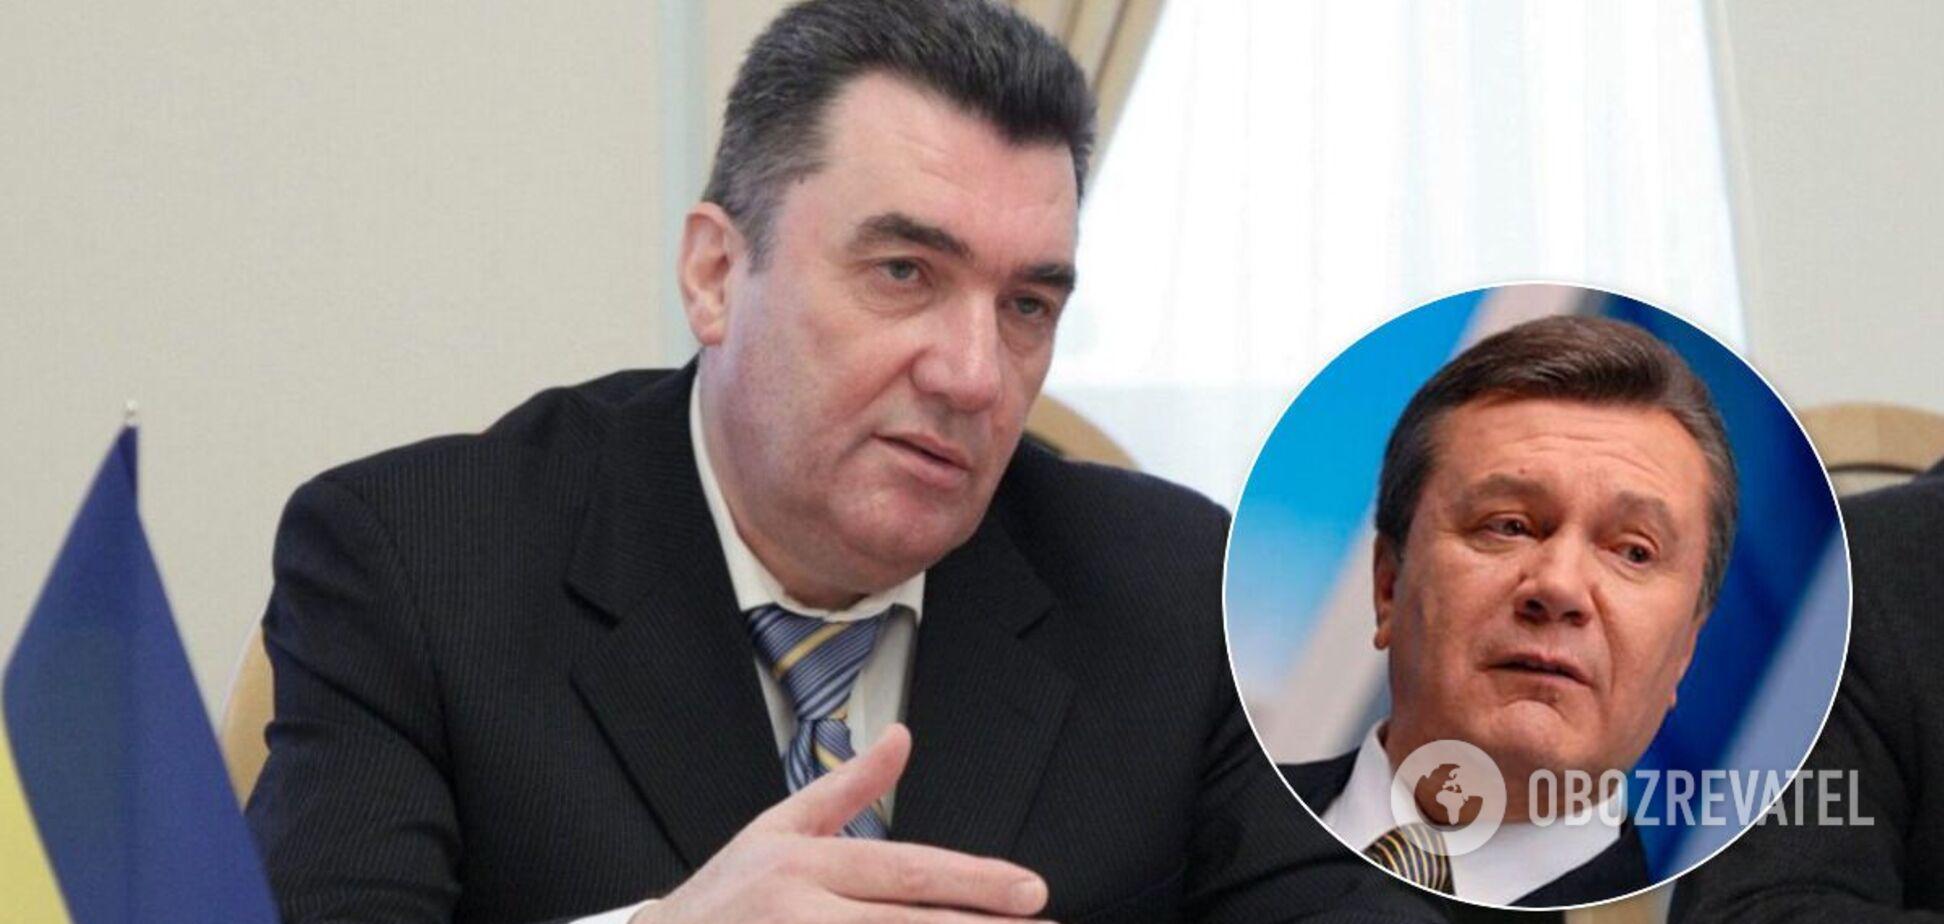 Данилов заявил, что россияне получили контроль на Донбассом при Януковиче